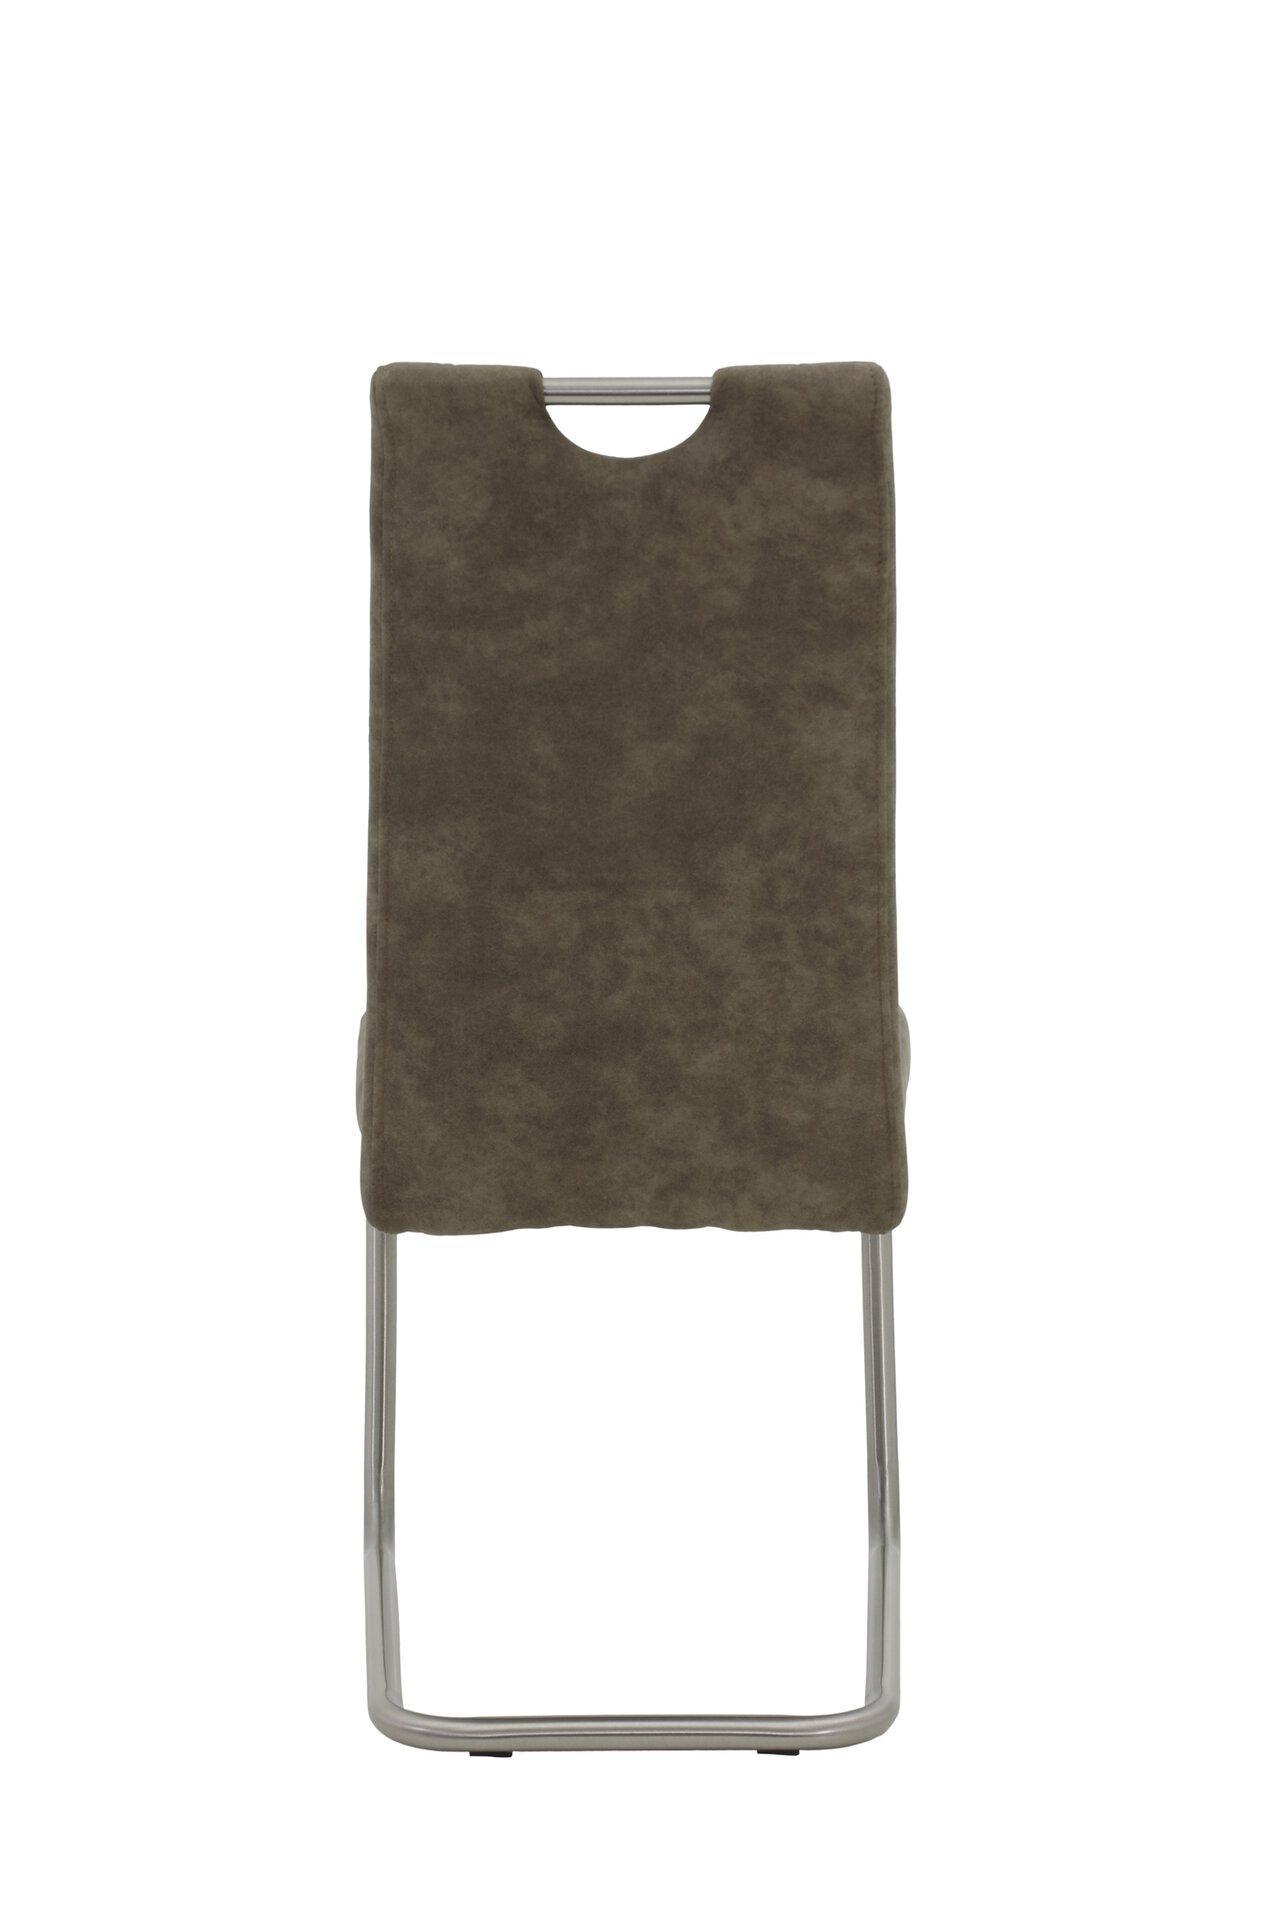 Freischwingerstuhl ULLA S Dinett Textil braun 59 x 98 x 43 cm